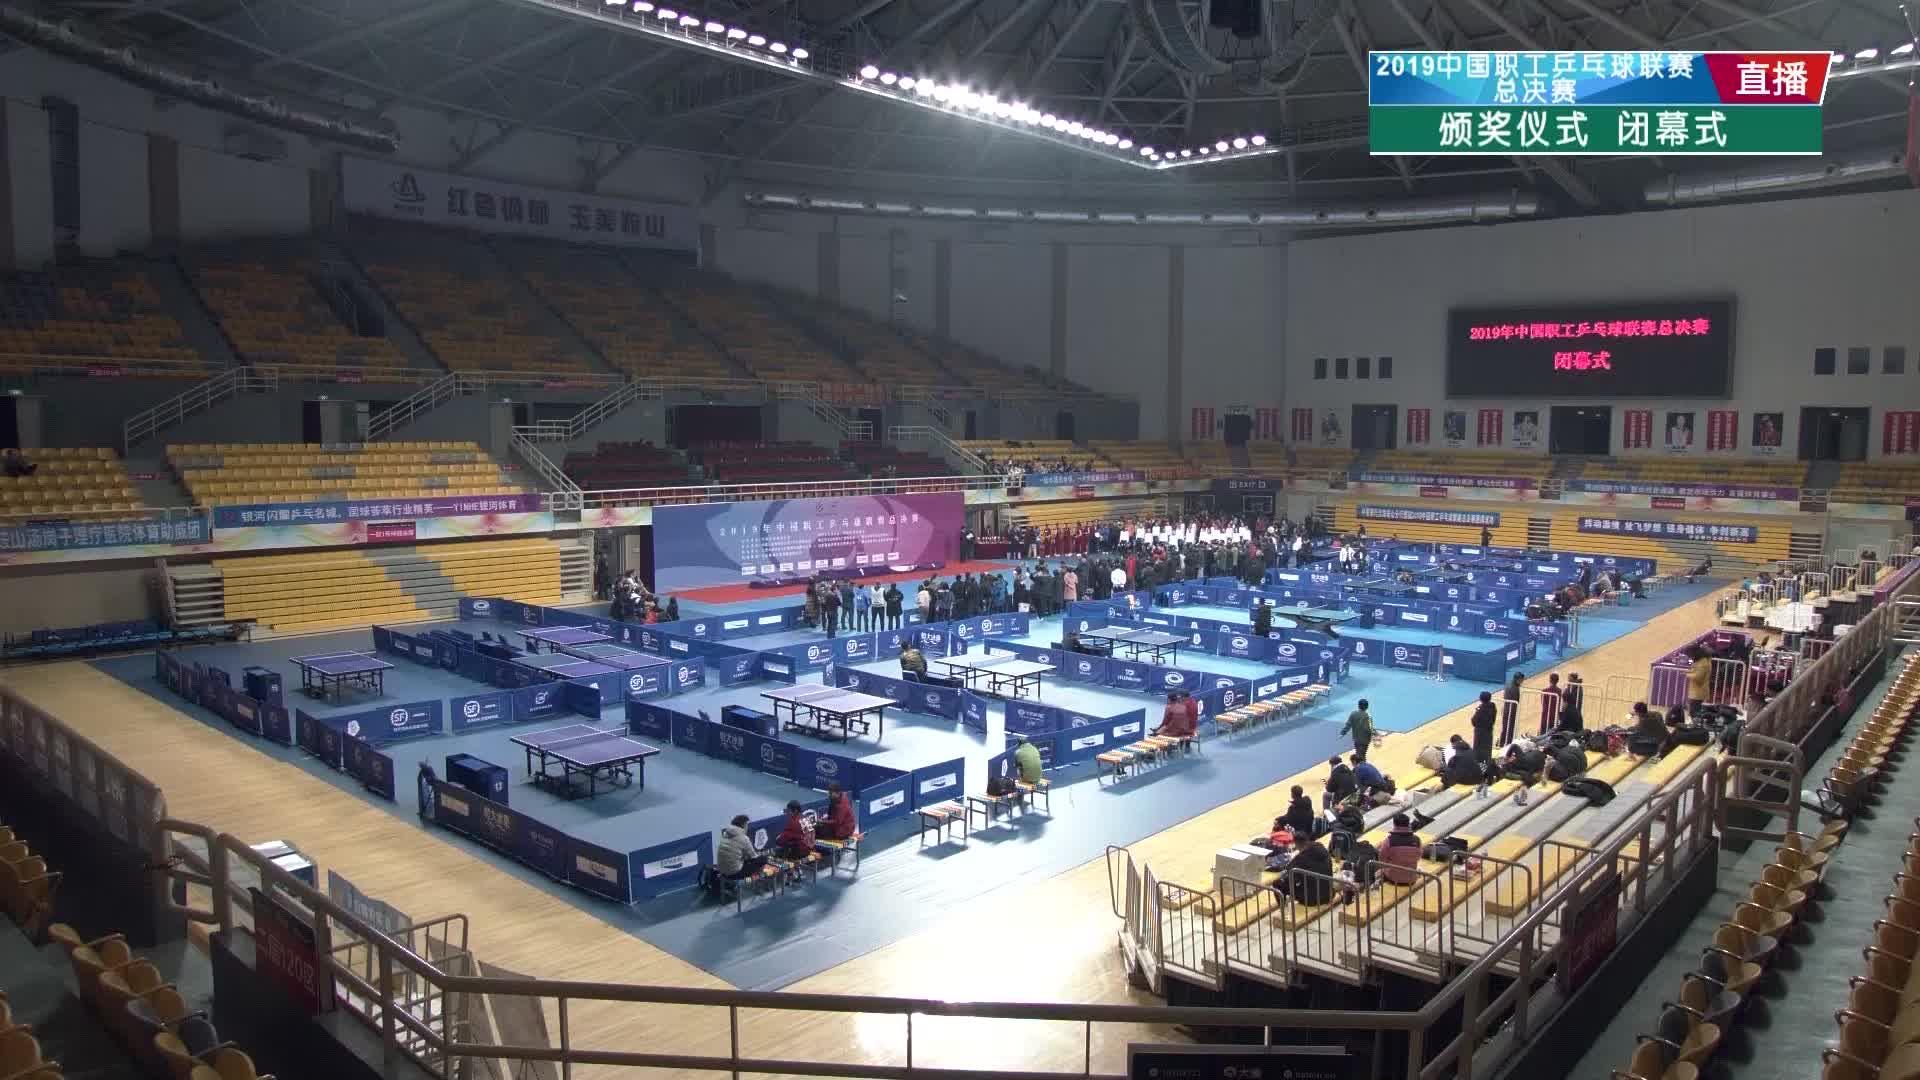 2019年中国职工乒乓球联赛总决赛闭幕式01